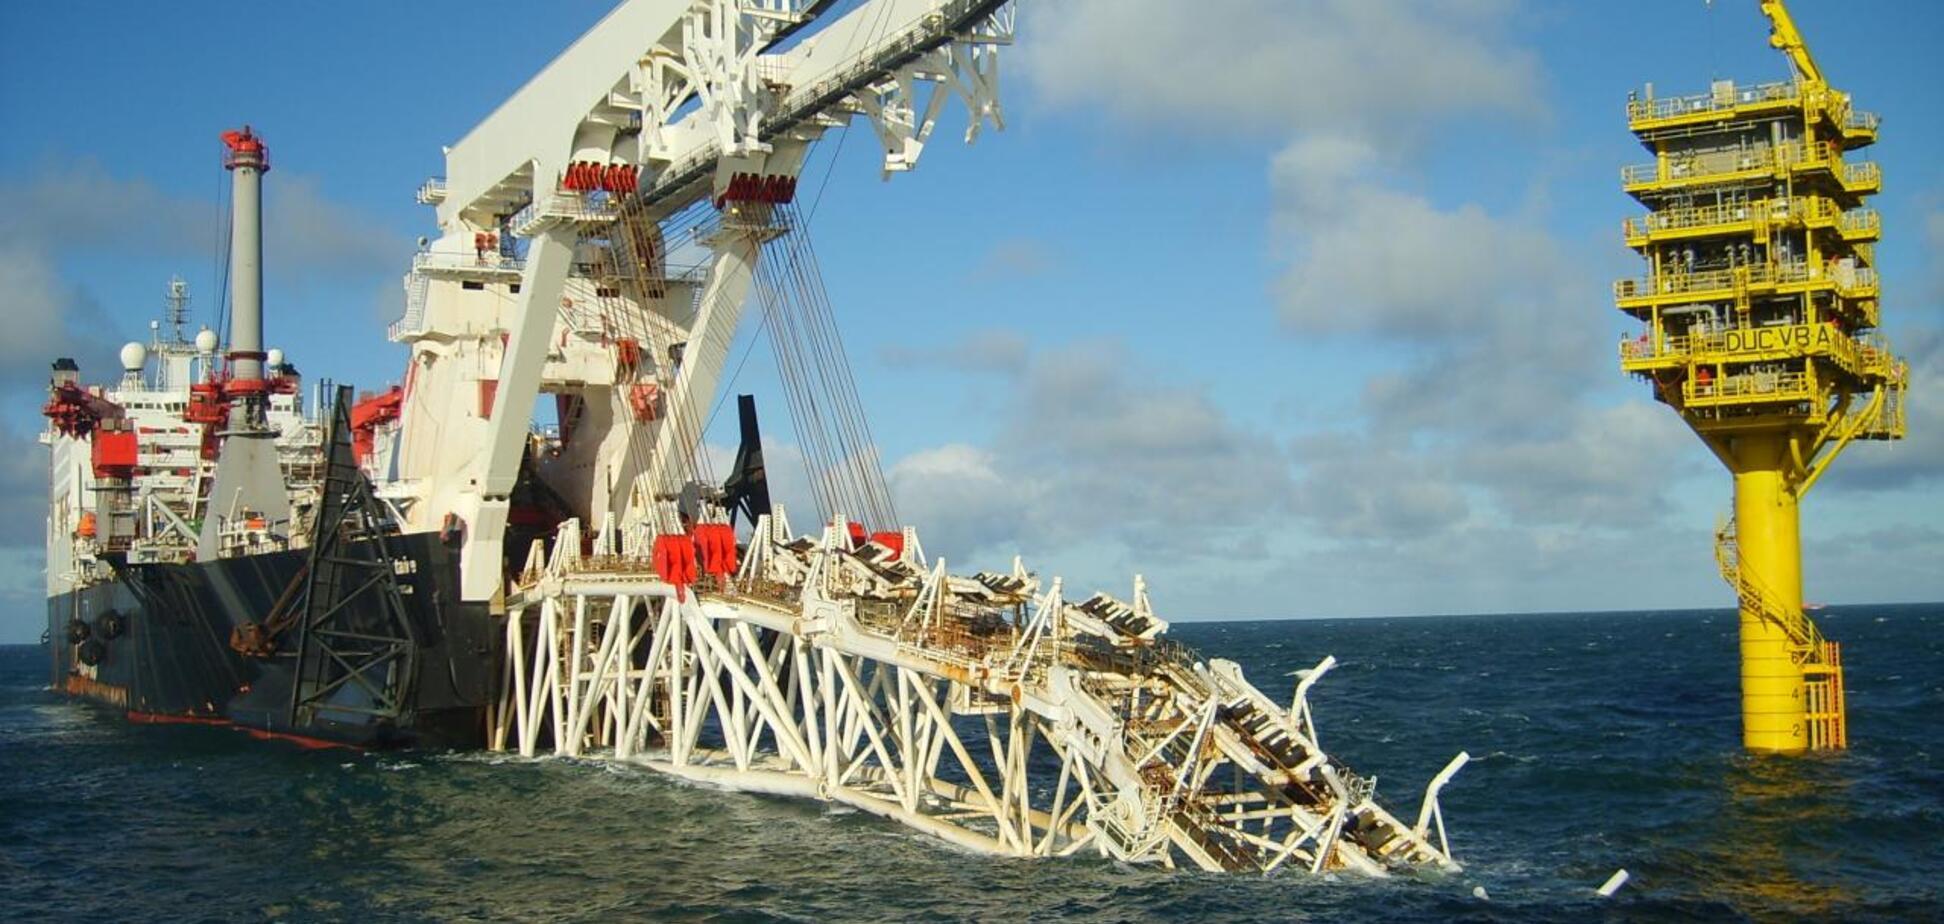 'Фортуна' може закінчити будівництво 'Північного потоку-2' у водах Данії за півтора місяці